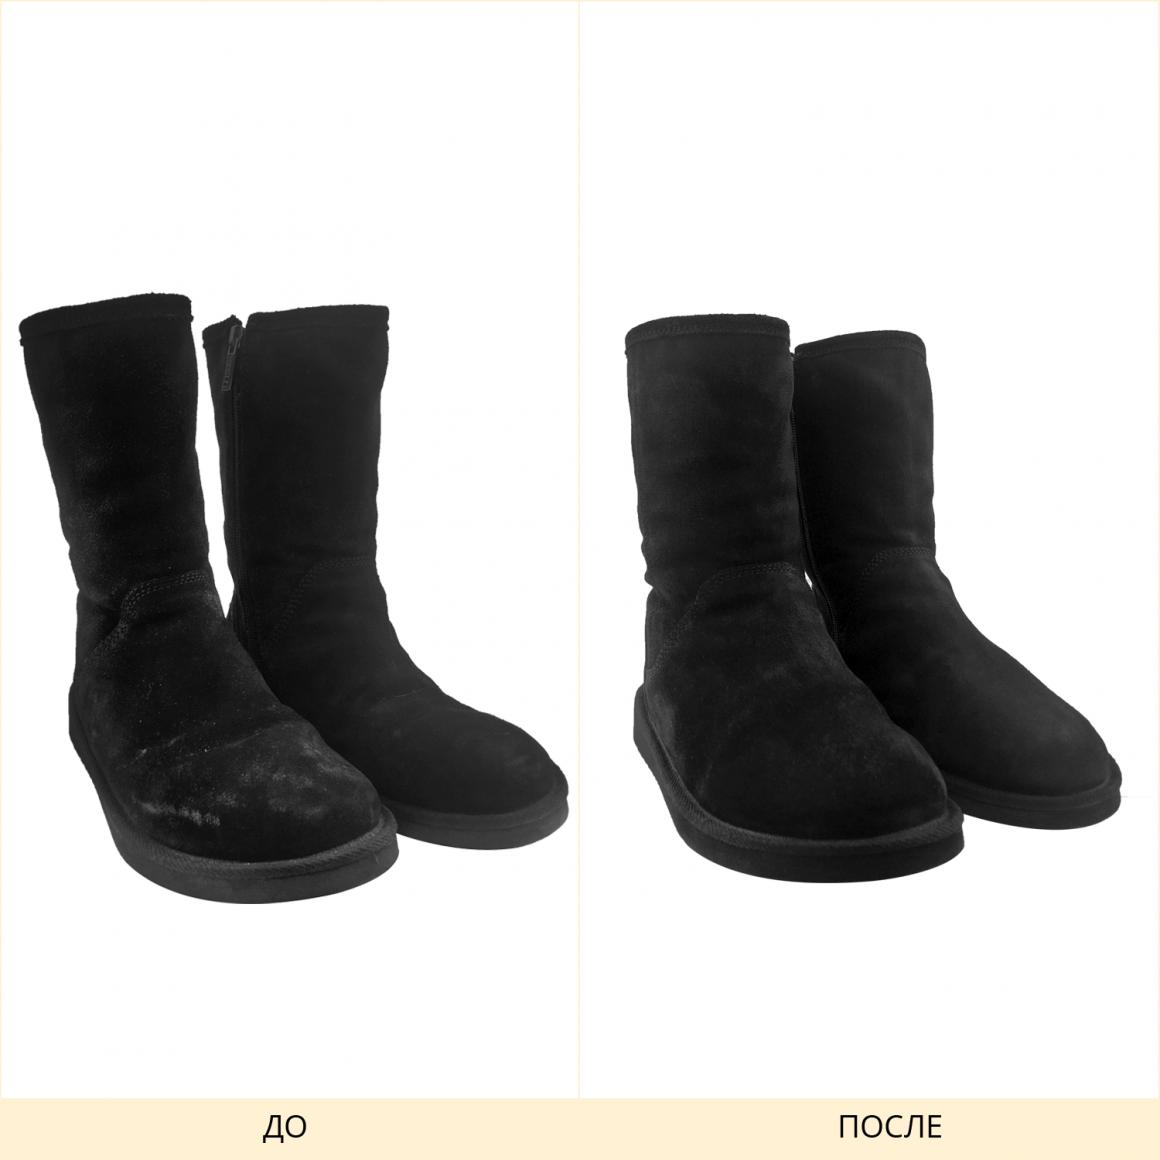 Фото до и после химчистки черных UGGI